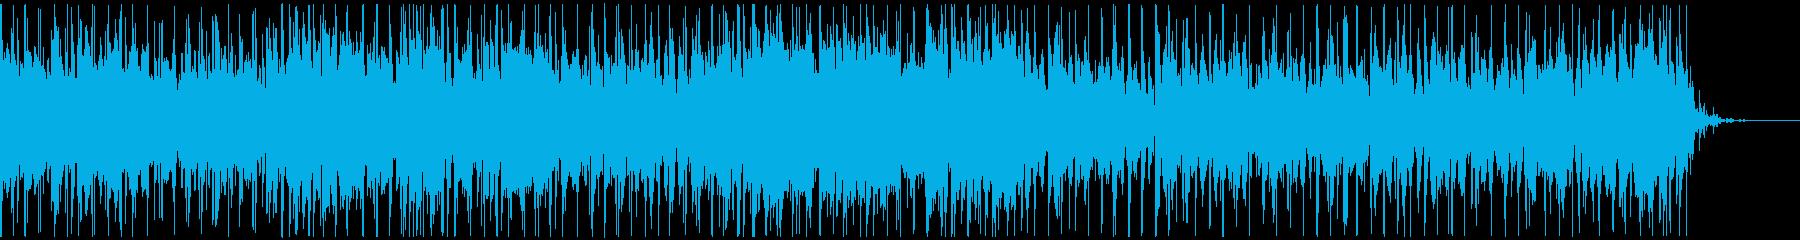 落ち着いたギターのスムースジャズBGMの再生済みの波形